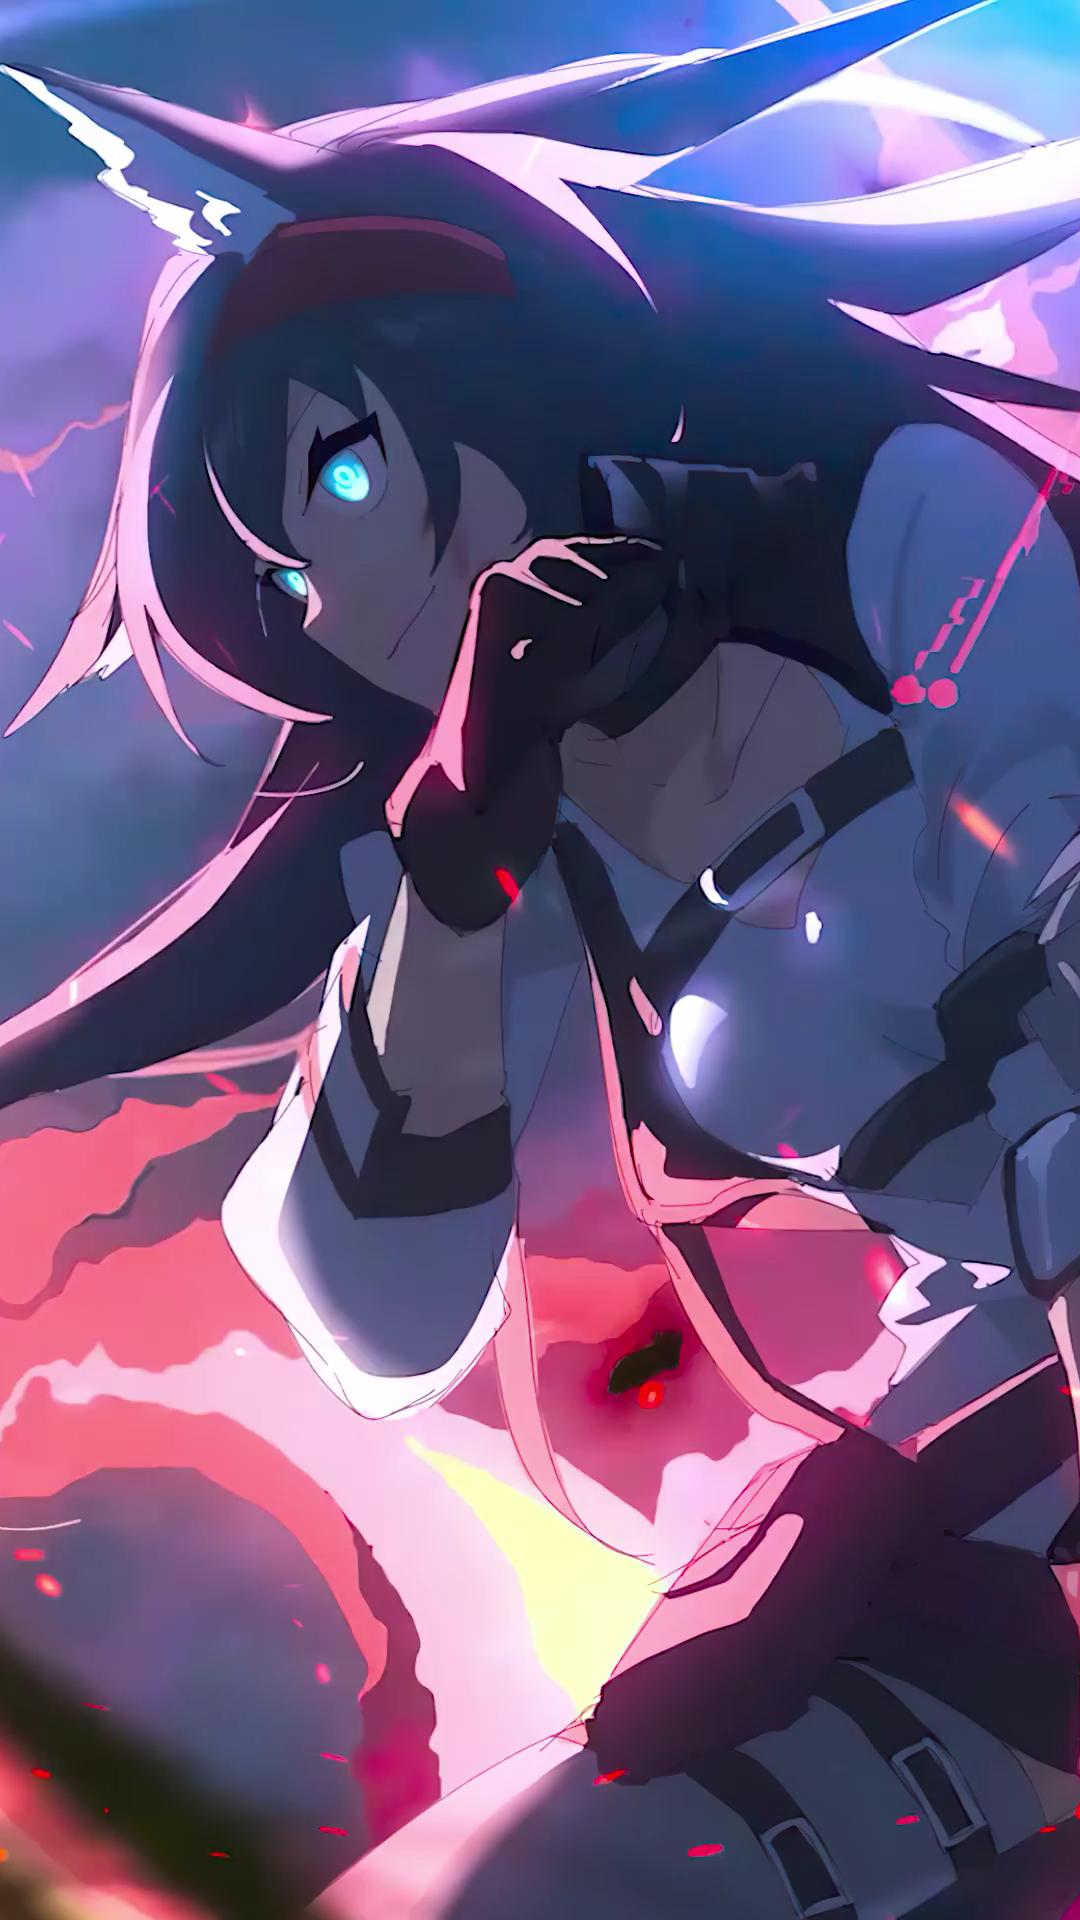 Blaze (Arknights) - Kaguya Sama Love is War